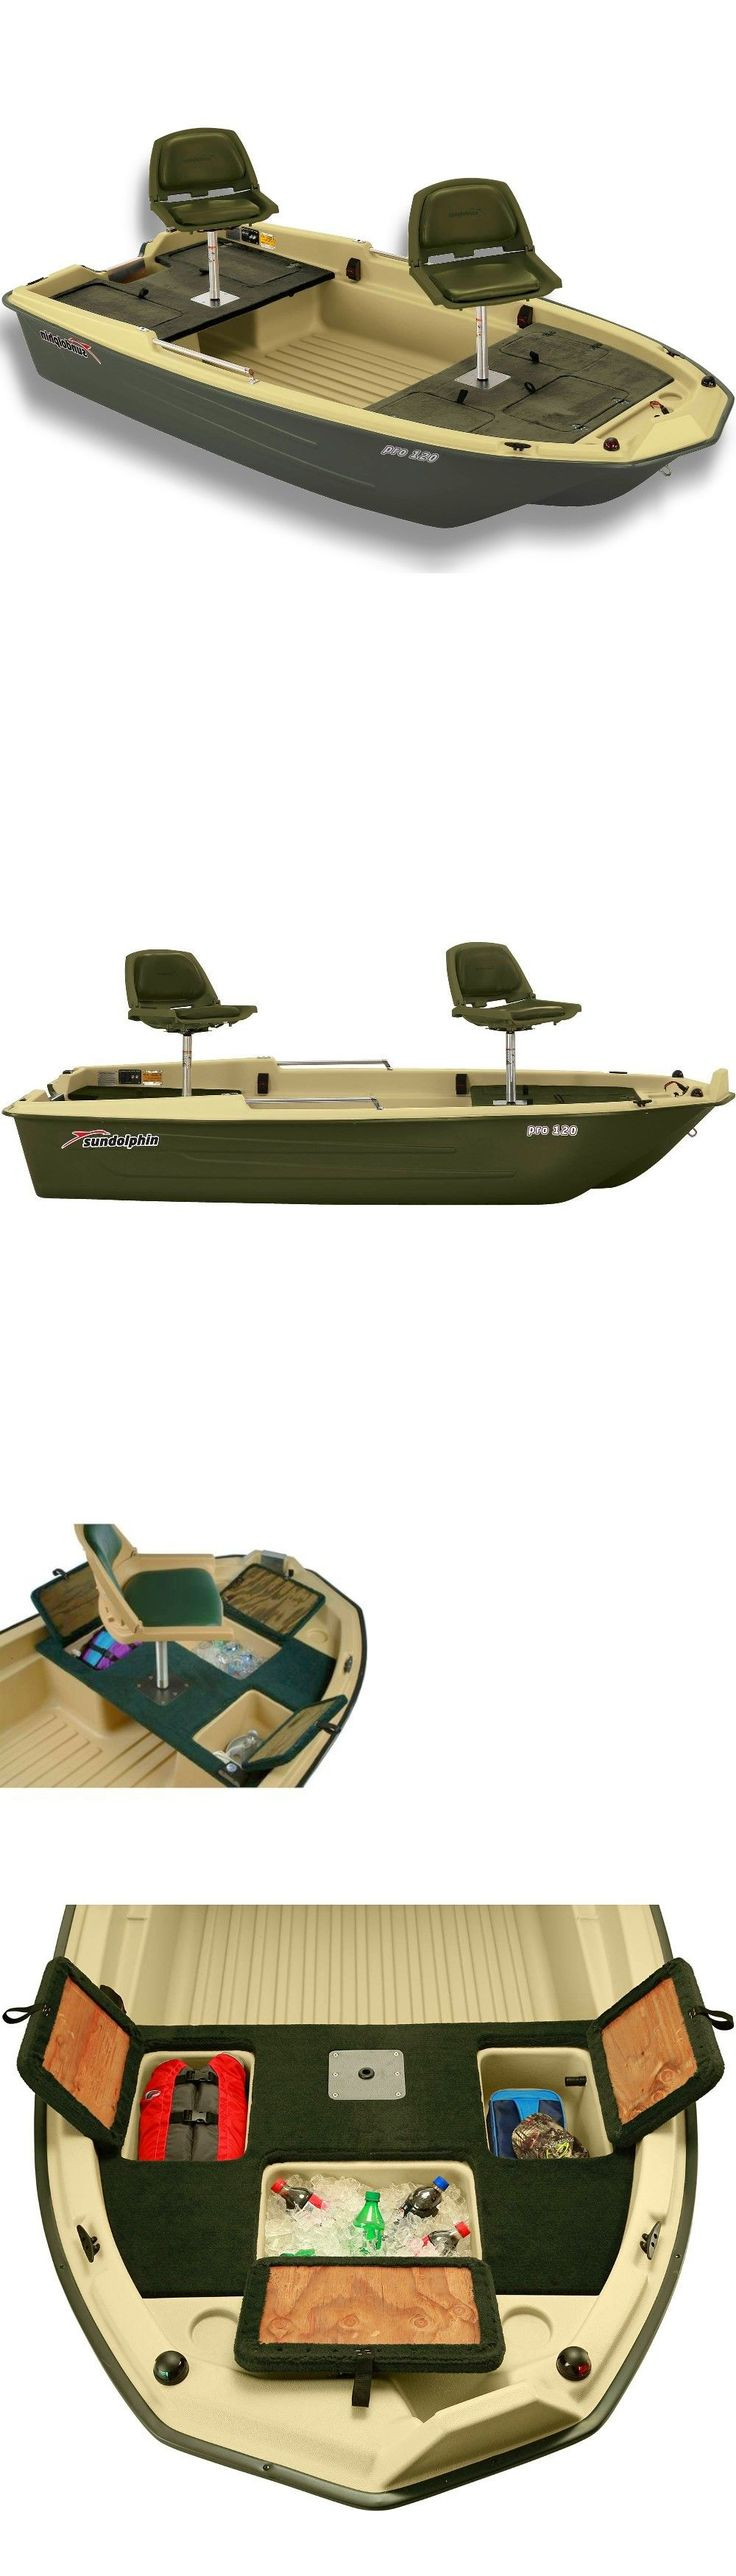 25 Best Ideas About Canoe Seats On Pinterest Bike Seat